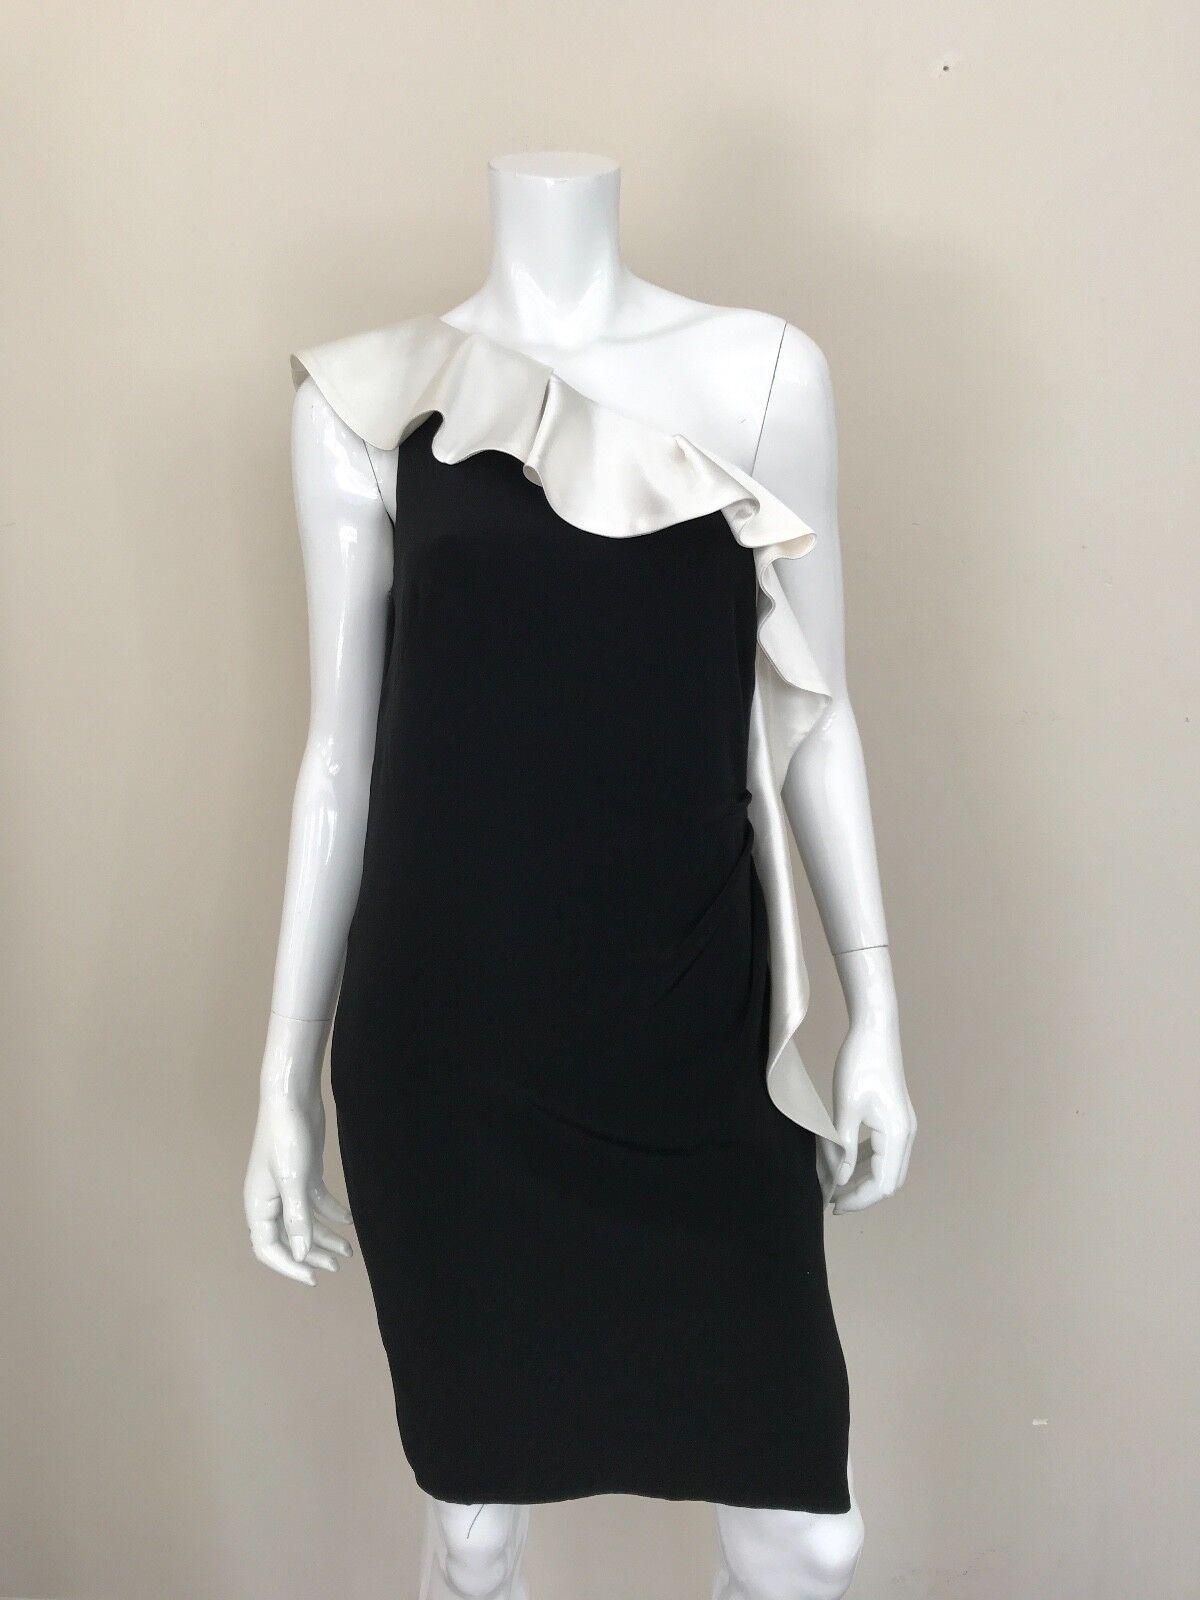 ABS Woherren Solid schwarz Weiß One Shoulder Bodyfit Party Cocktail Dress Größe 10